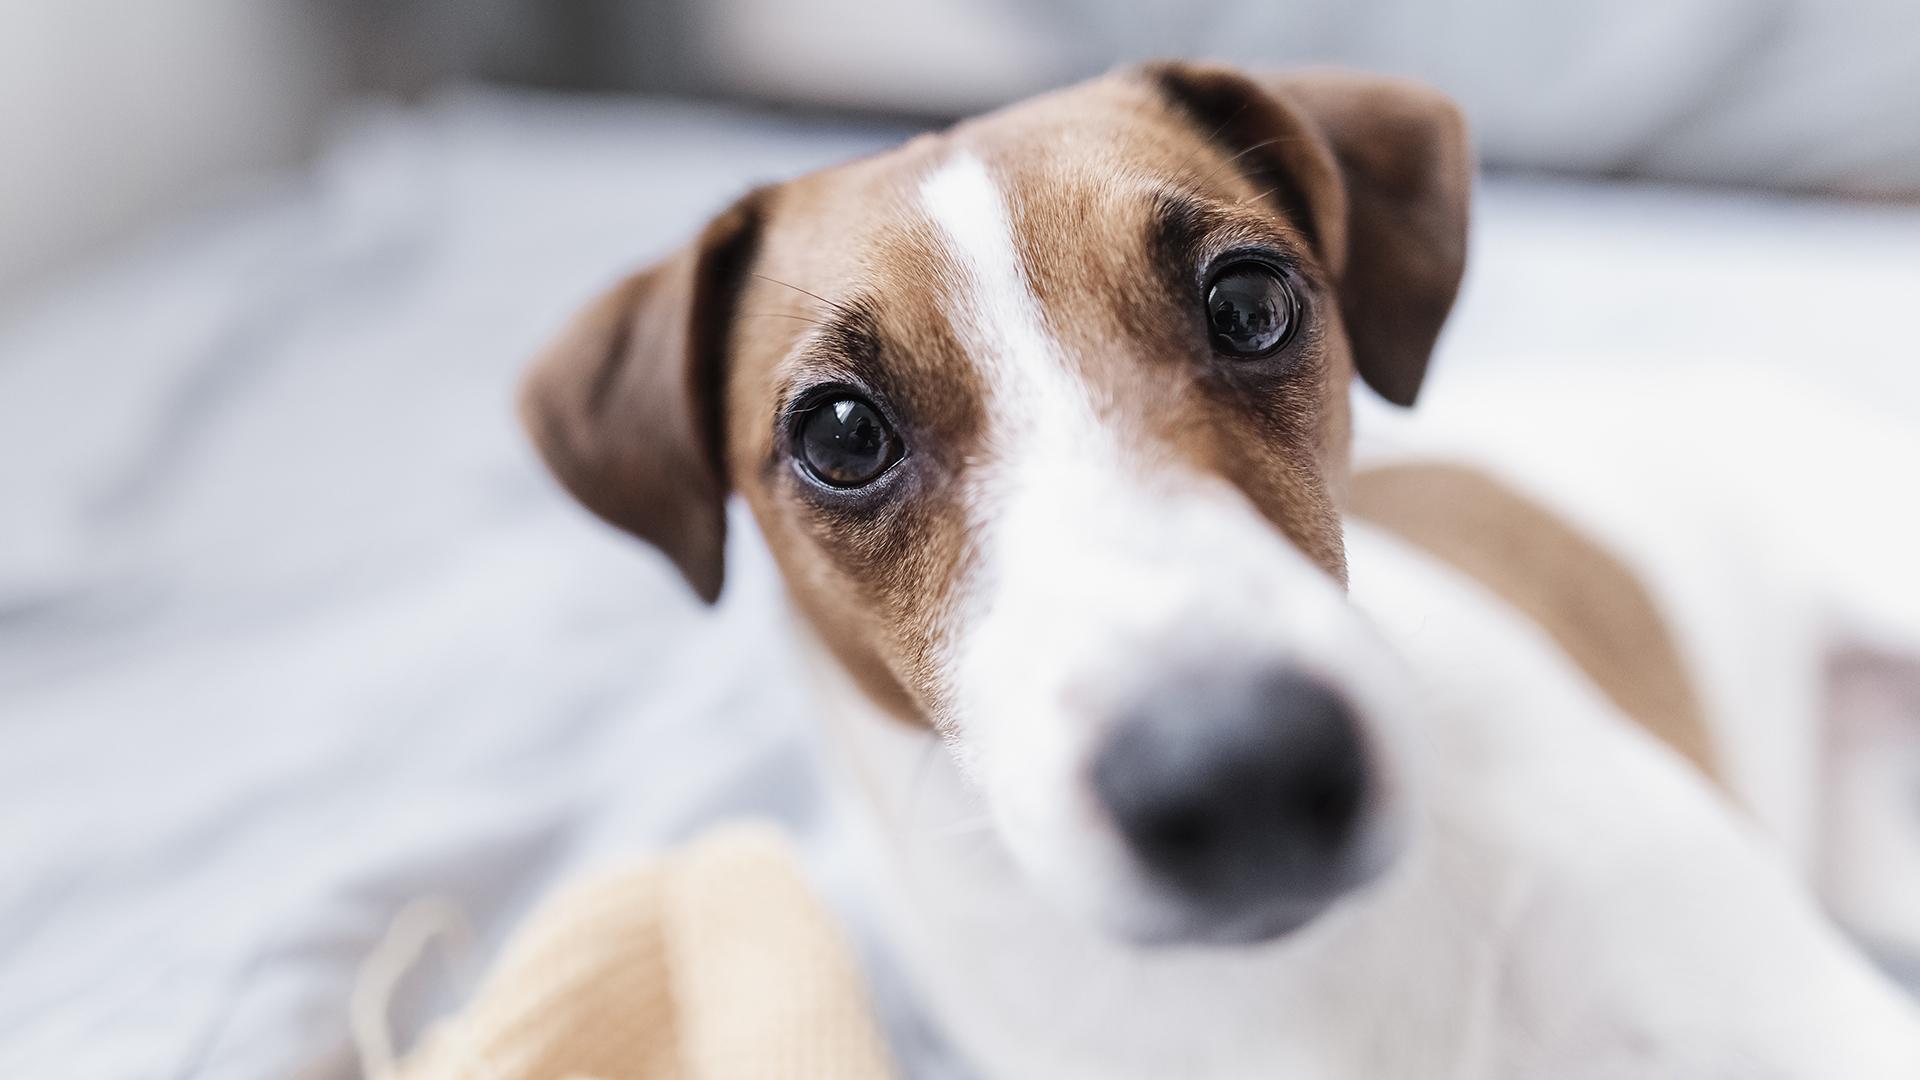 Furcsa kutyát sétáltatva próbálta meg kicselezni kijárási korlátozást egy férfi